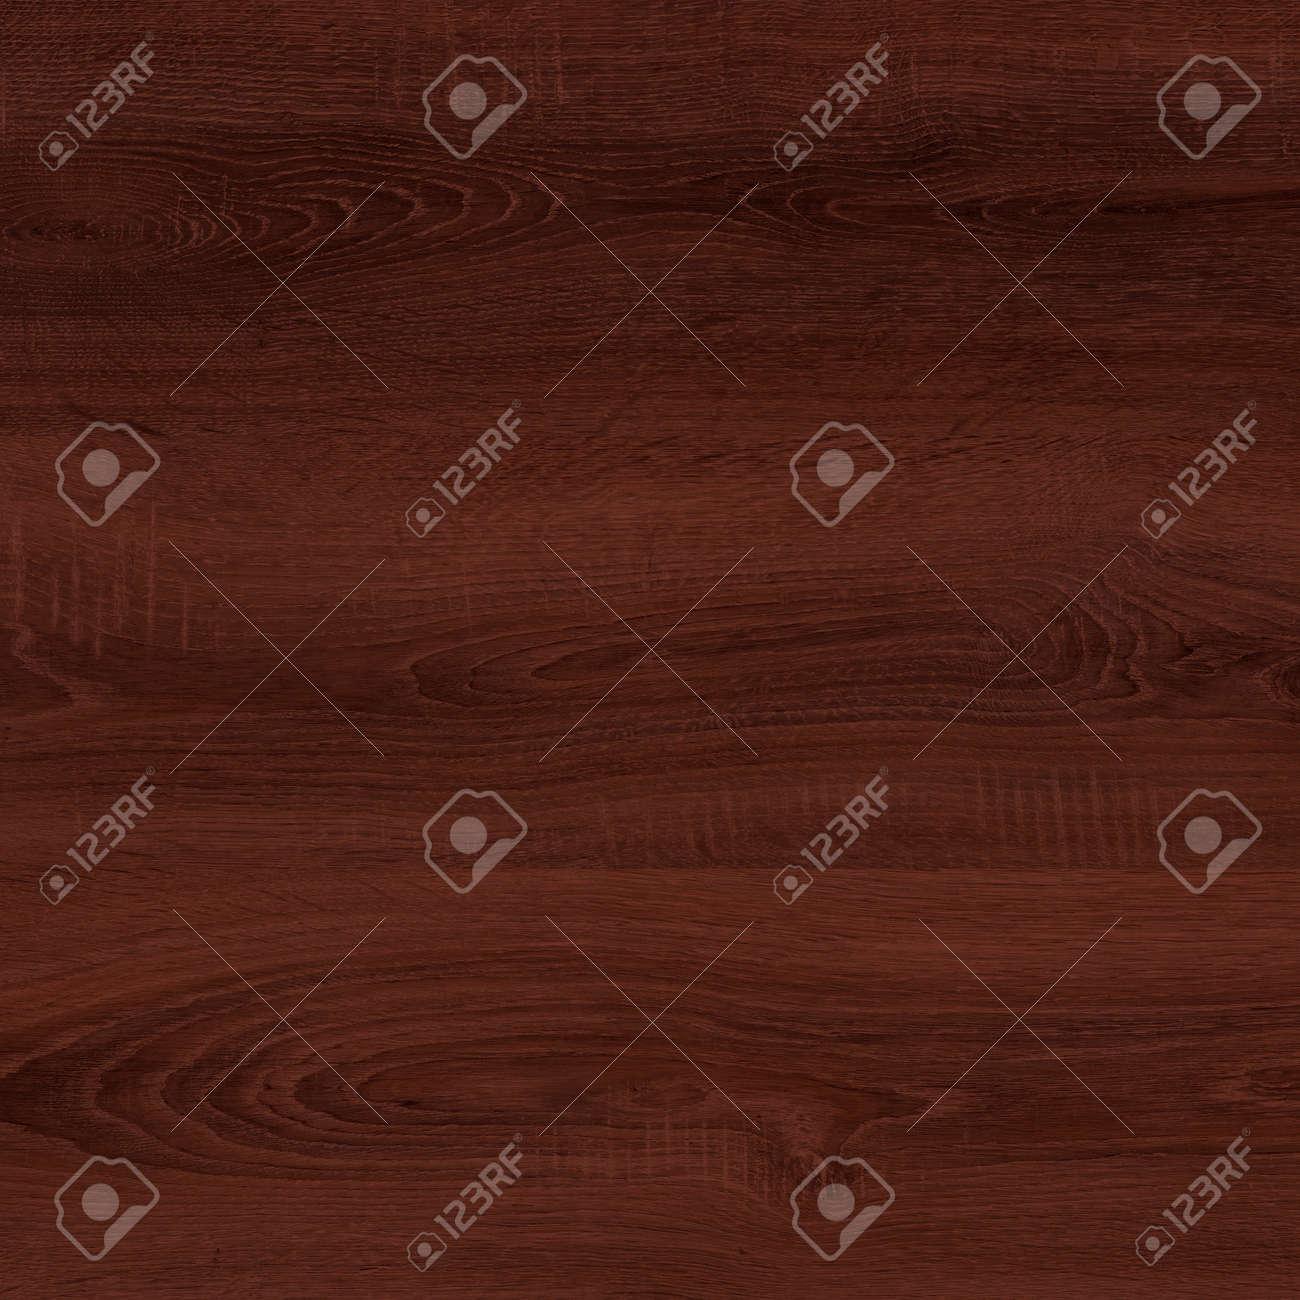 dark red wood background - 18797595